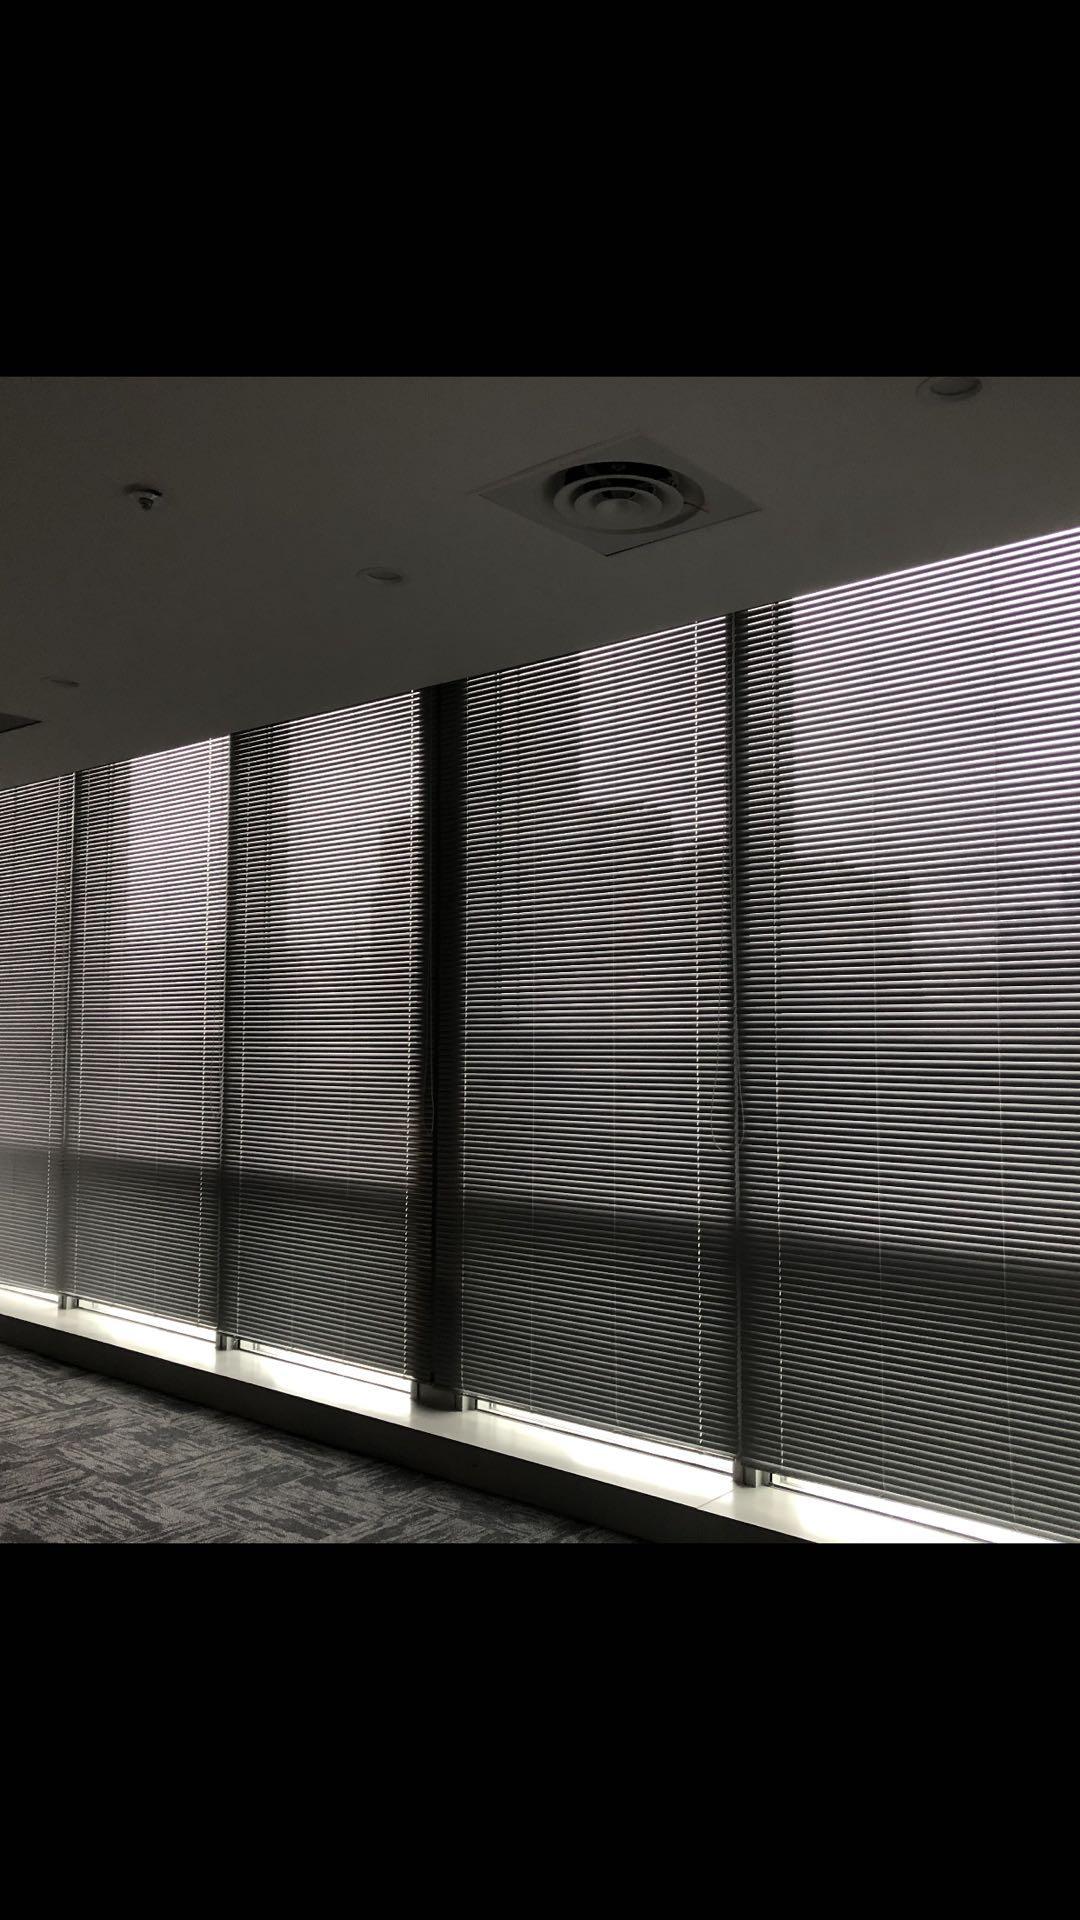 成都办公室玻璃隔断百叶窗帘、成都百叶窗帘、成都窗帘安装